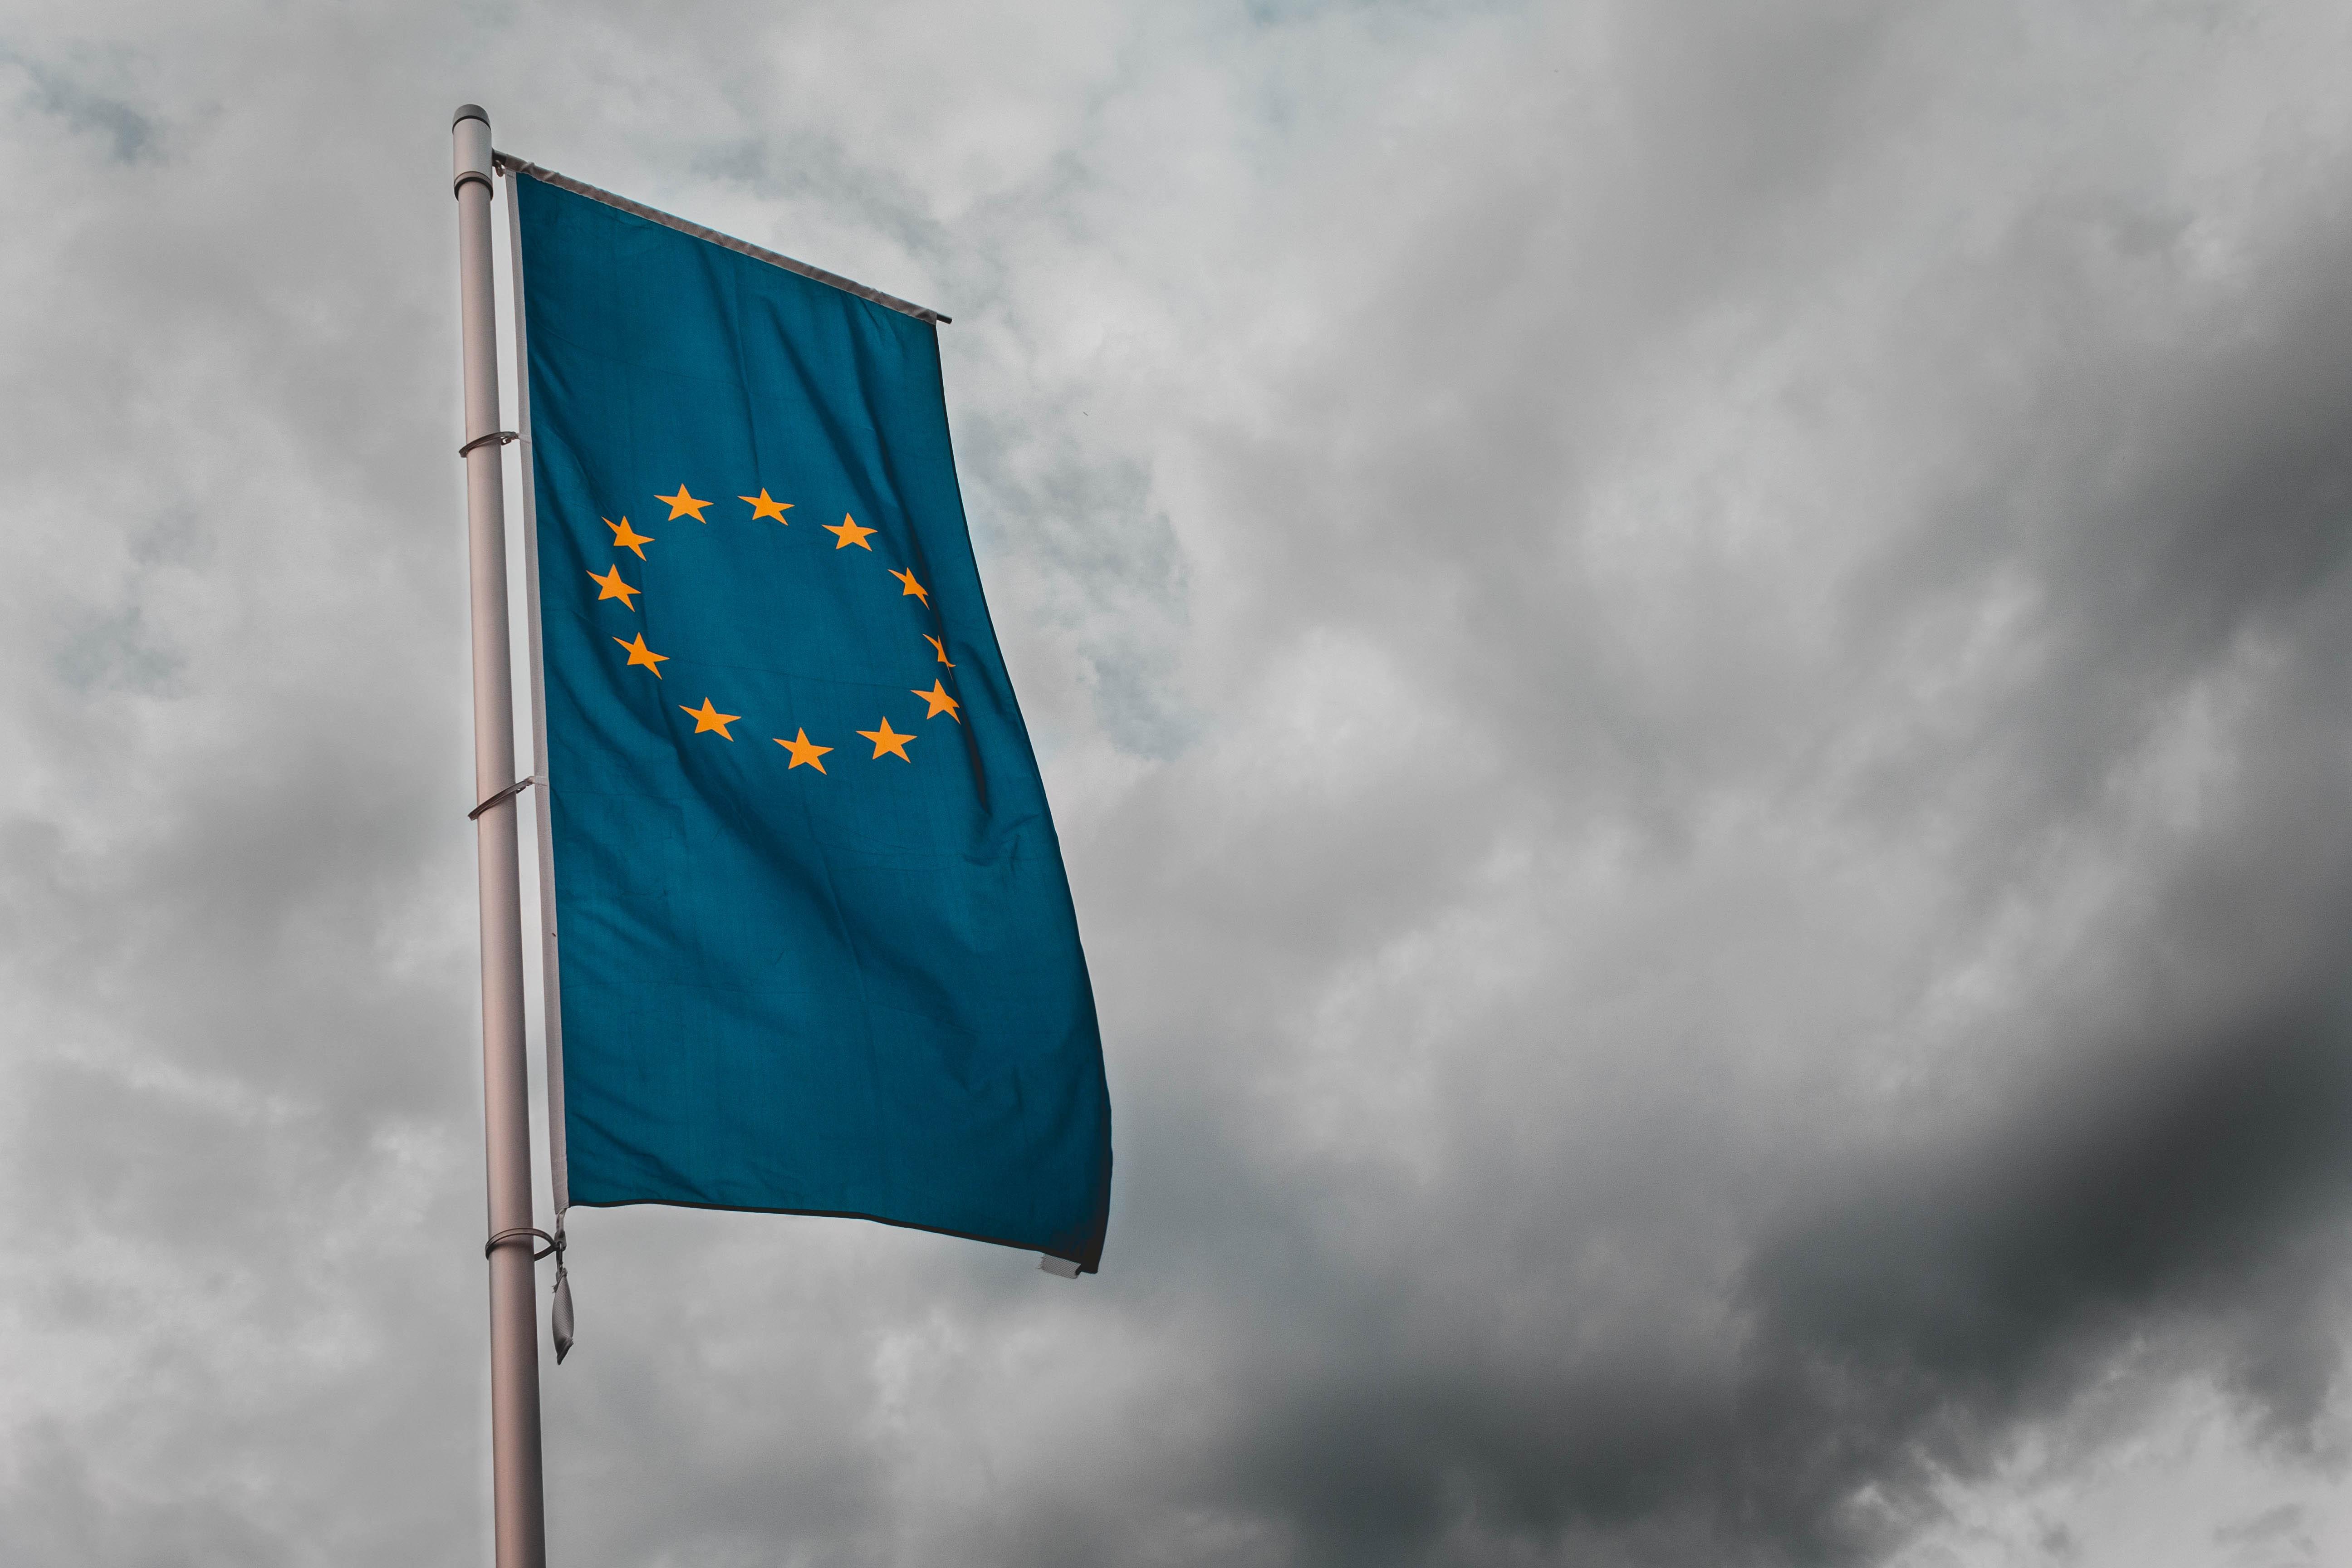 Die Europawoche beschert die eine Woche lang spannende Events!